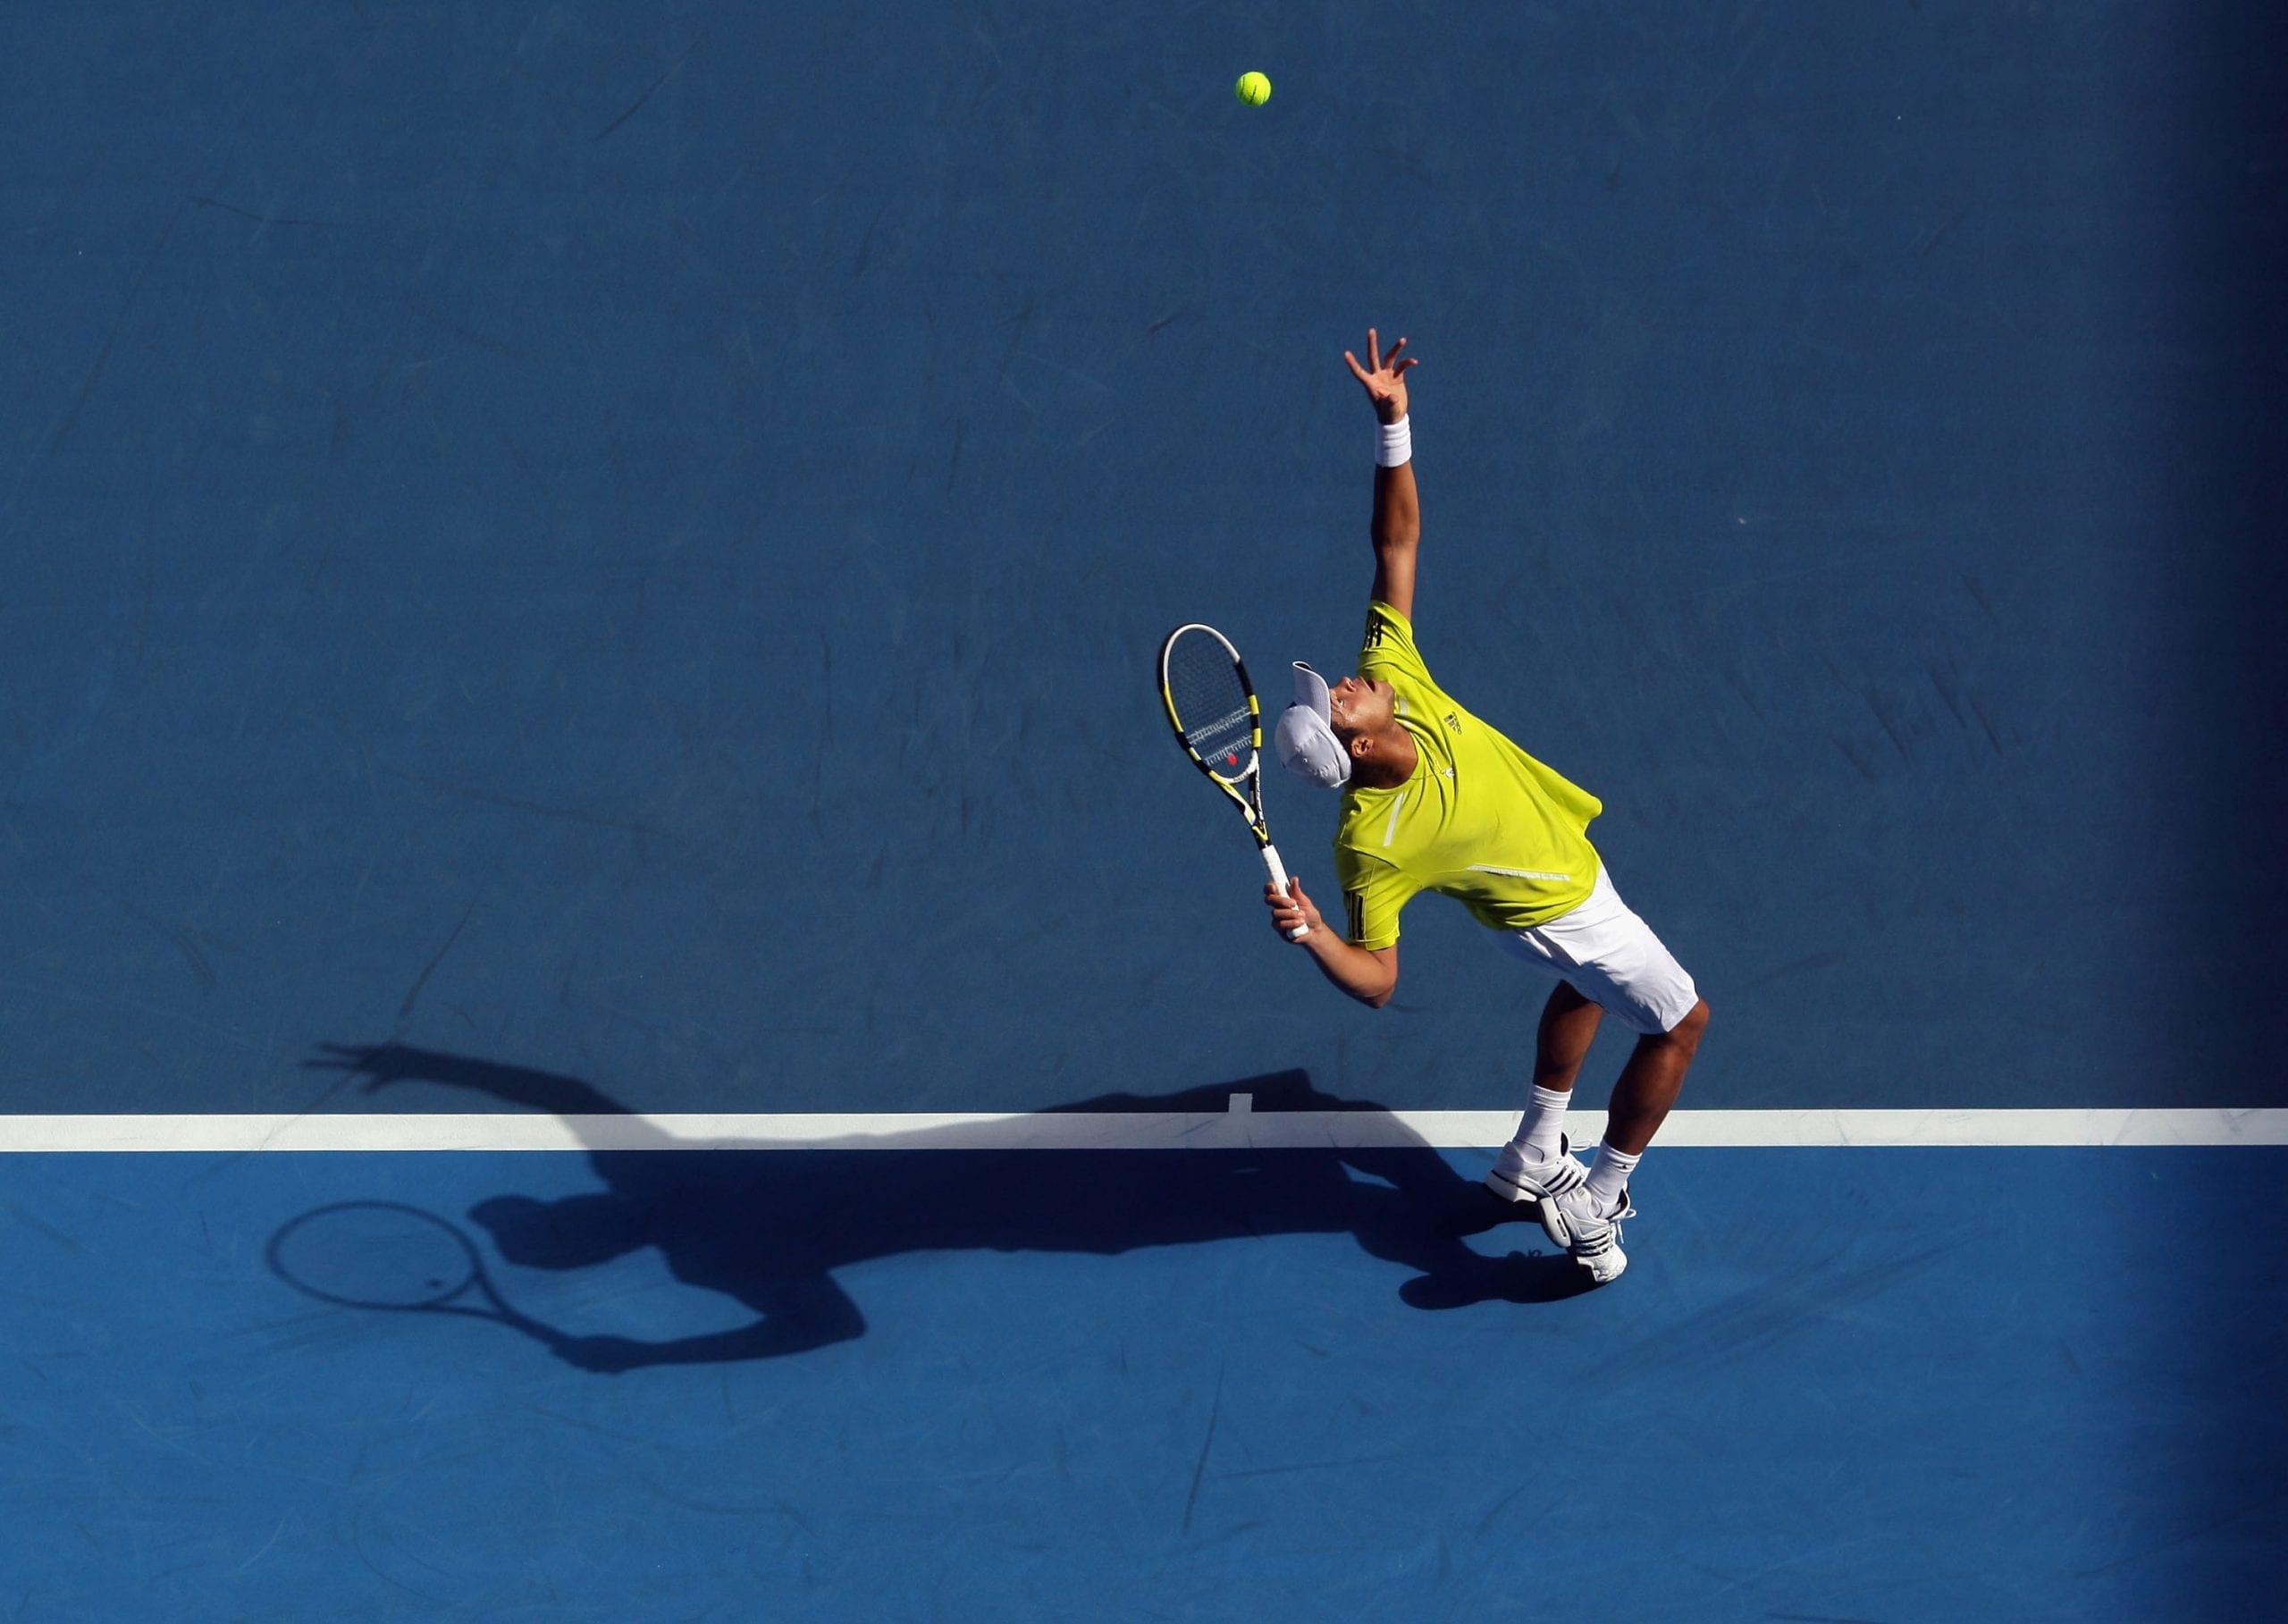 El saque de tenis liftado ( top spin ) y su importancia táctica